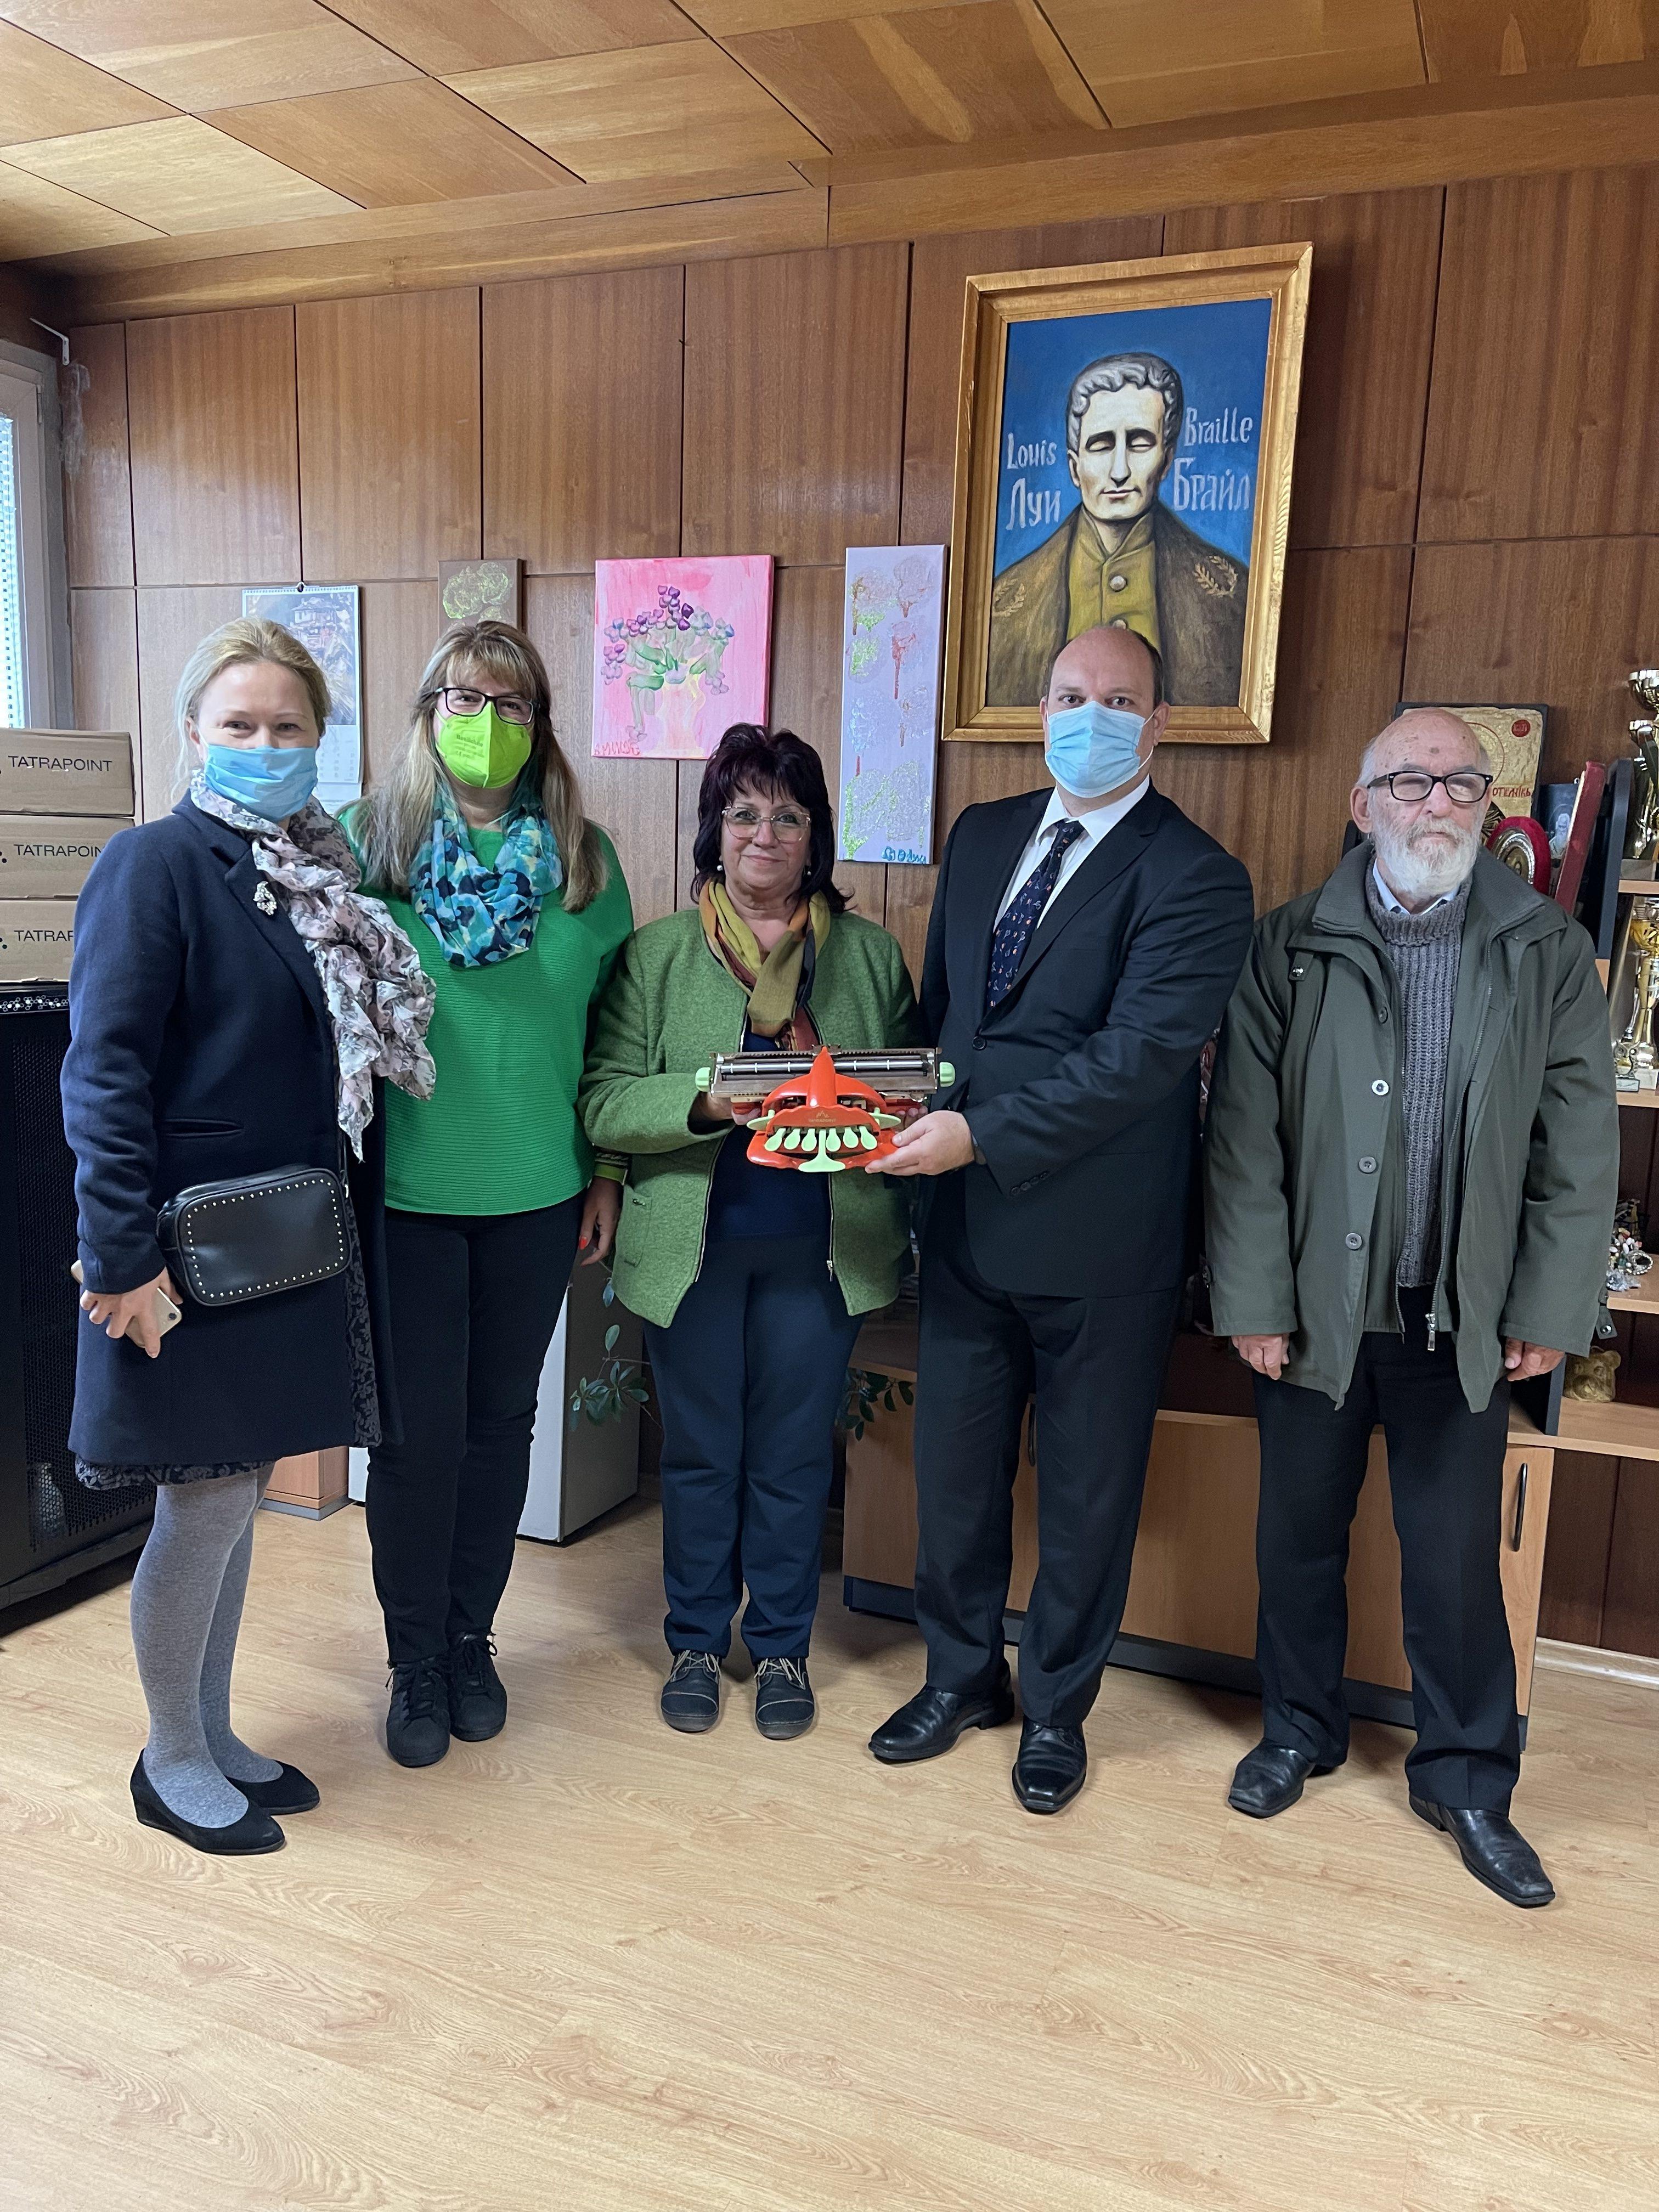 На снимка от ляво на дясно са г-жа Ивана Марксфелдова, г-жа Десислава Ралчева, г-жа Елка Белокапова, Н.Пр. г-н Мануел Корчек и г-н Любомир Велков